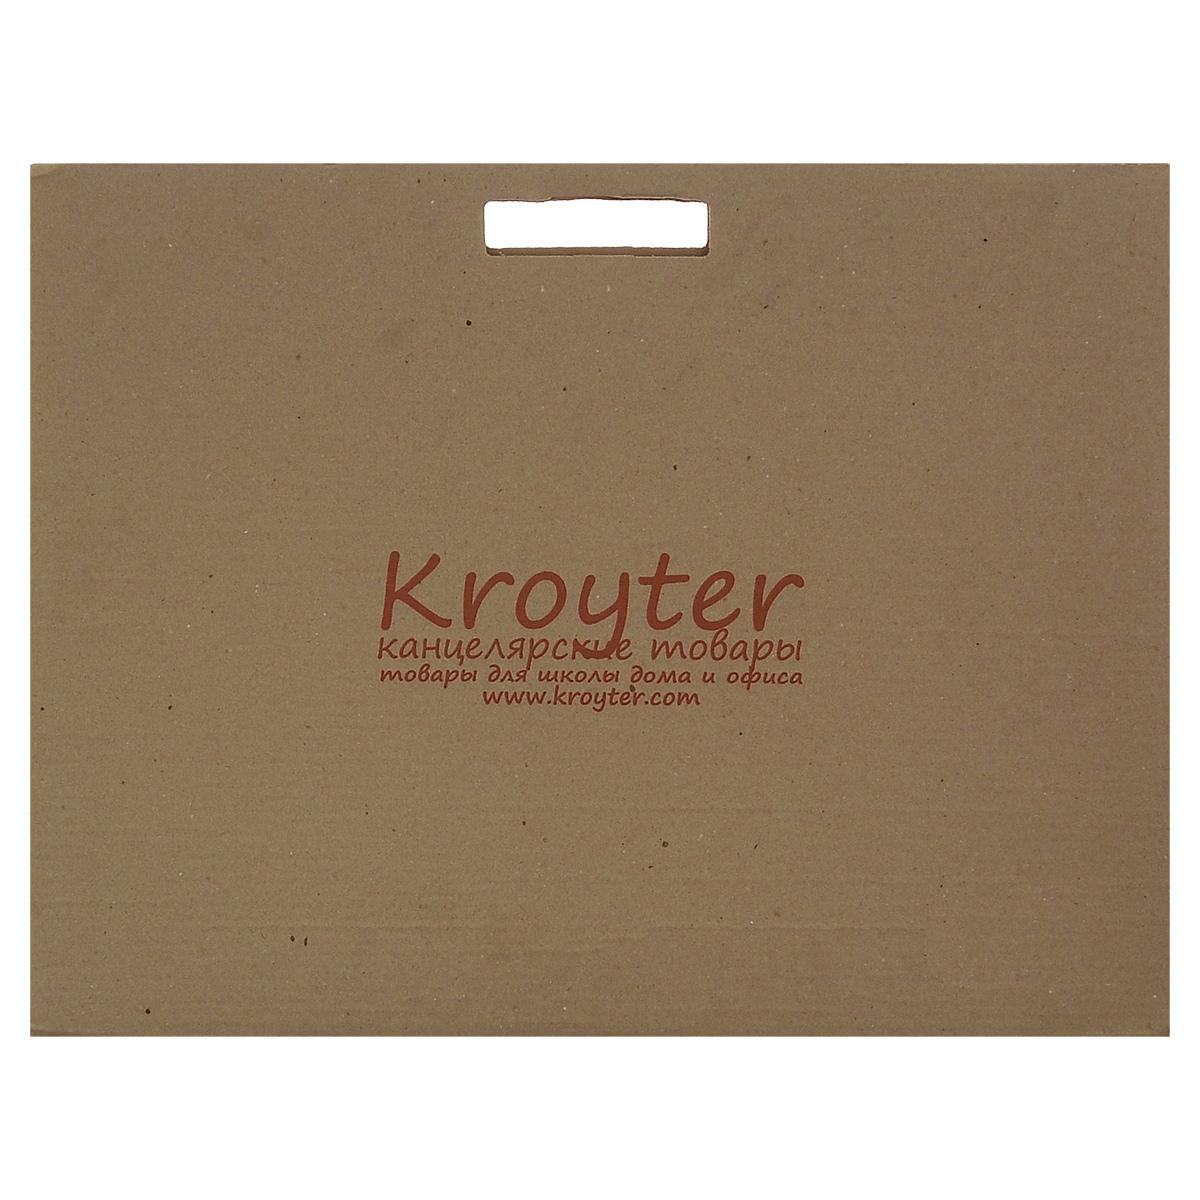 Папка для акварели Kroyter, 10 листов, формат А205312Папка для акварели Kroyter поможет овладеть этой техникой живописи. Бумага предназначена для рисования всеми видами водорастворимых красок, а также подойдет для рисования и художественно-графических работ карандашами, ручками и мелками. Не рекомендуется для масляных красок. Листы рекомендованы для массового использования, так как не предъявляет специальных знаний при ее использовании. Обложка выполнена из гофрированного картона в виде папки переноски с ручками. Такой вариант позволяет переносить бумагу без повреждений. Плотность: 180 г/м2.